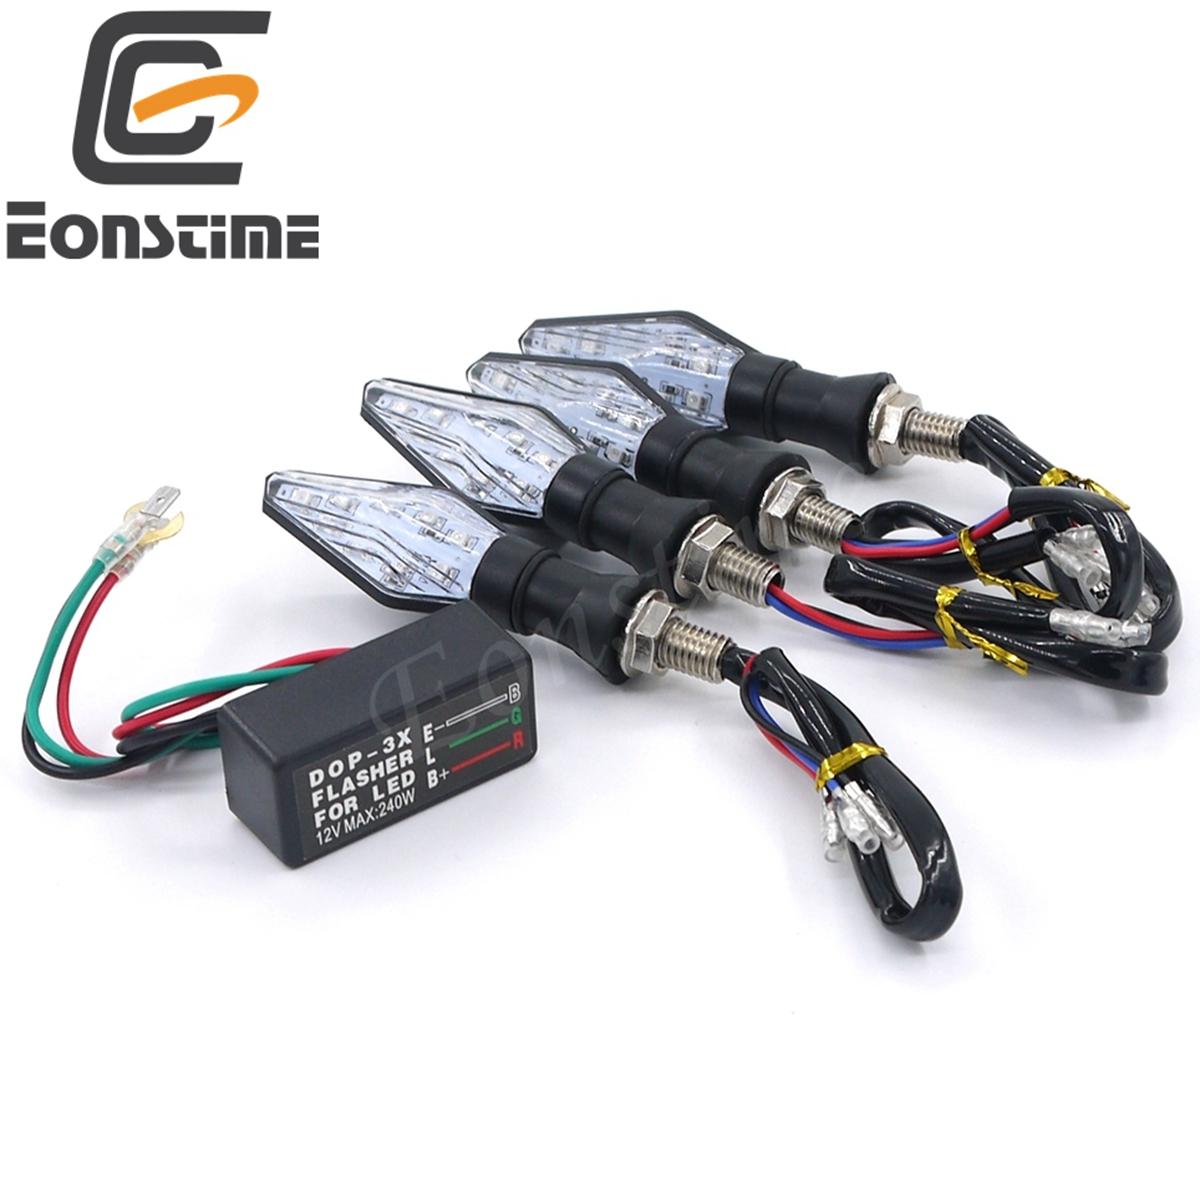 Eonstime Flashing Motorcycle LED Turn Signal Light 12Led Indicator Light Blue&Amber Blinker Light 4pcs LED+1pcs Flasher Relay